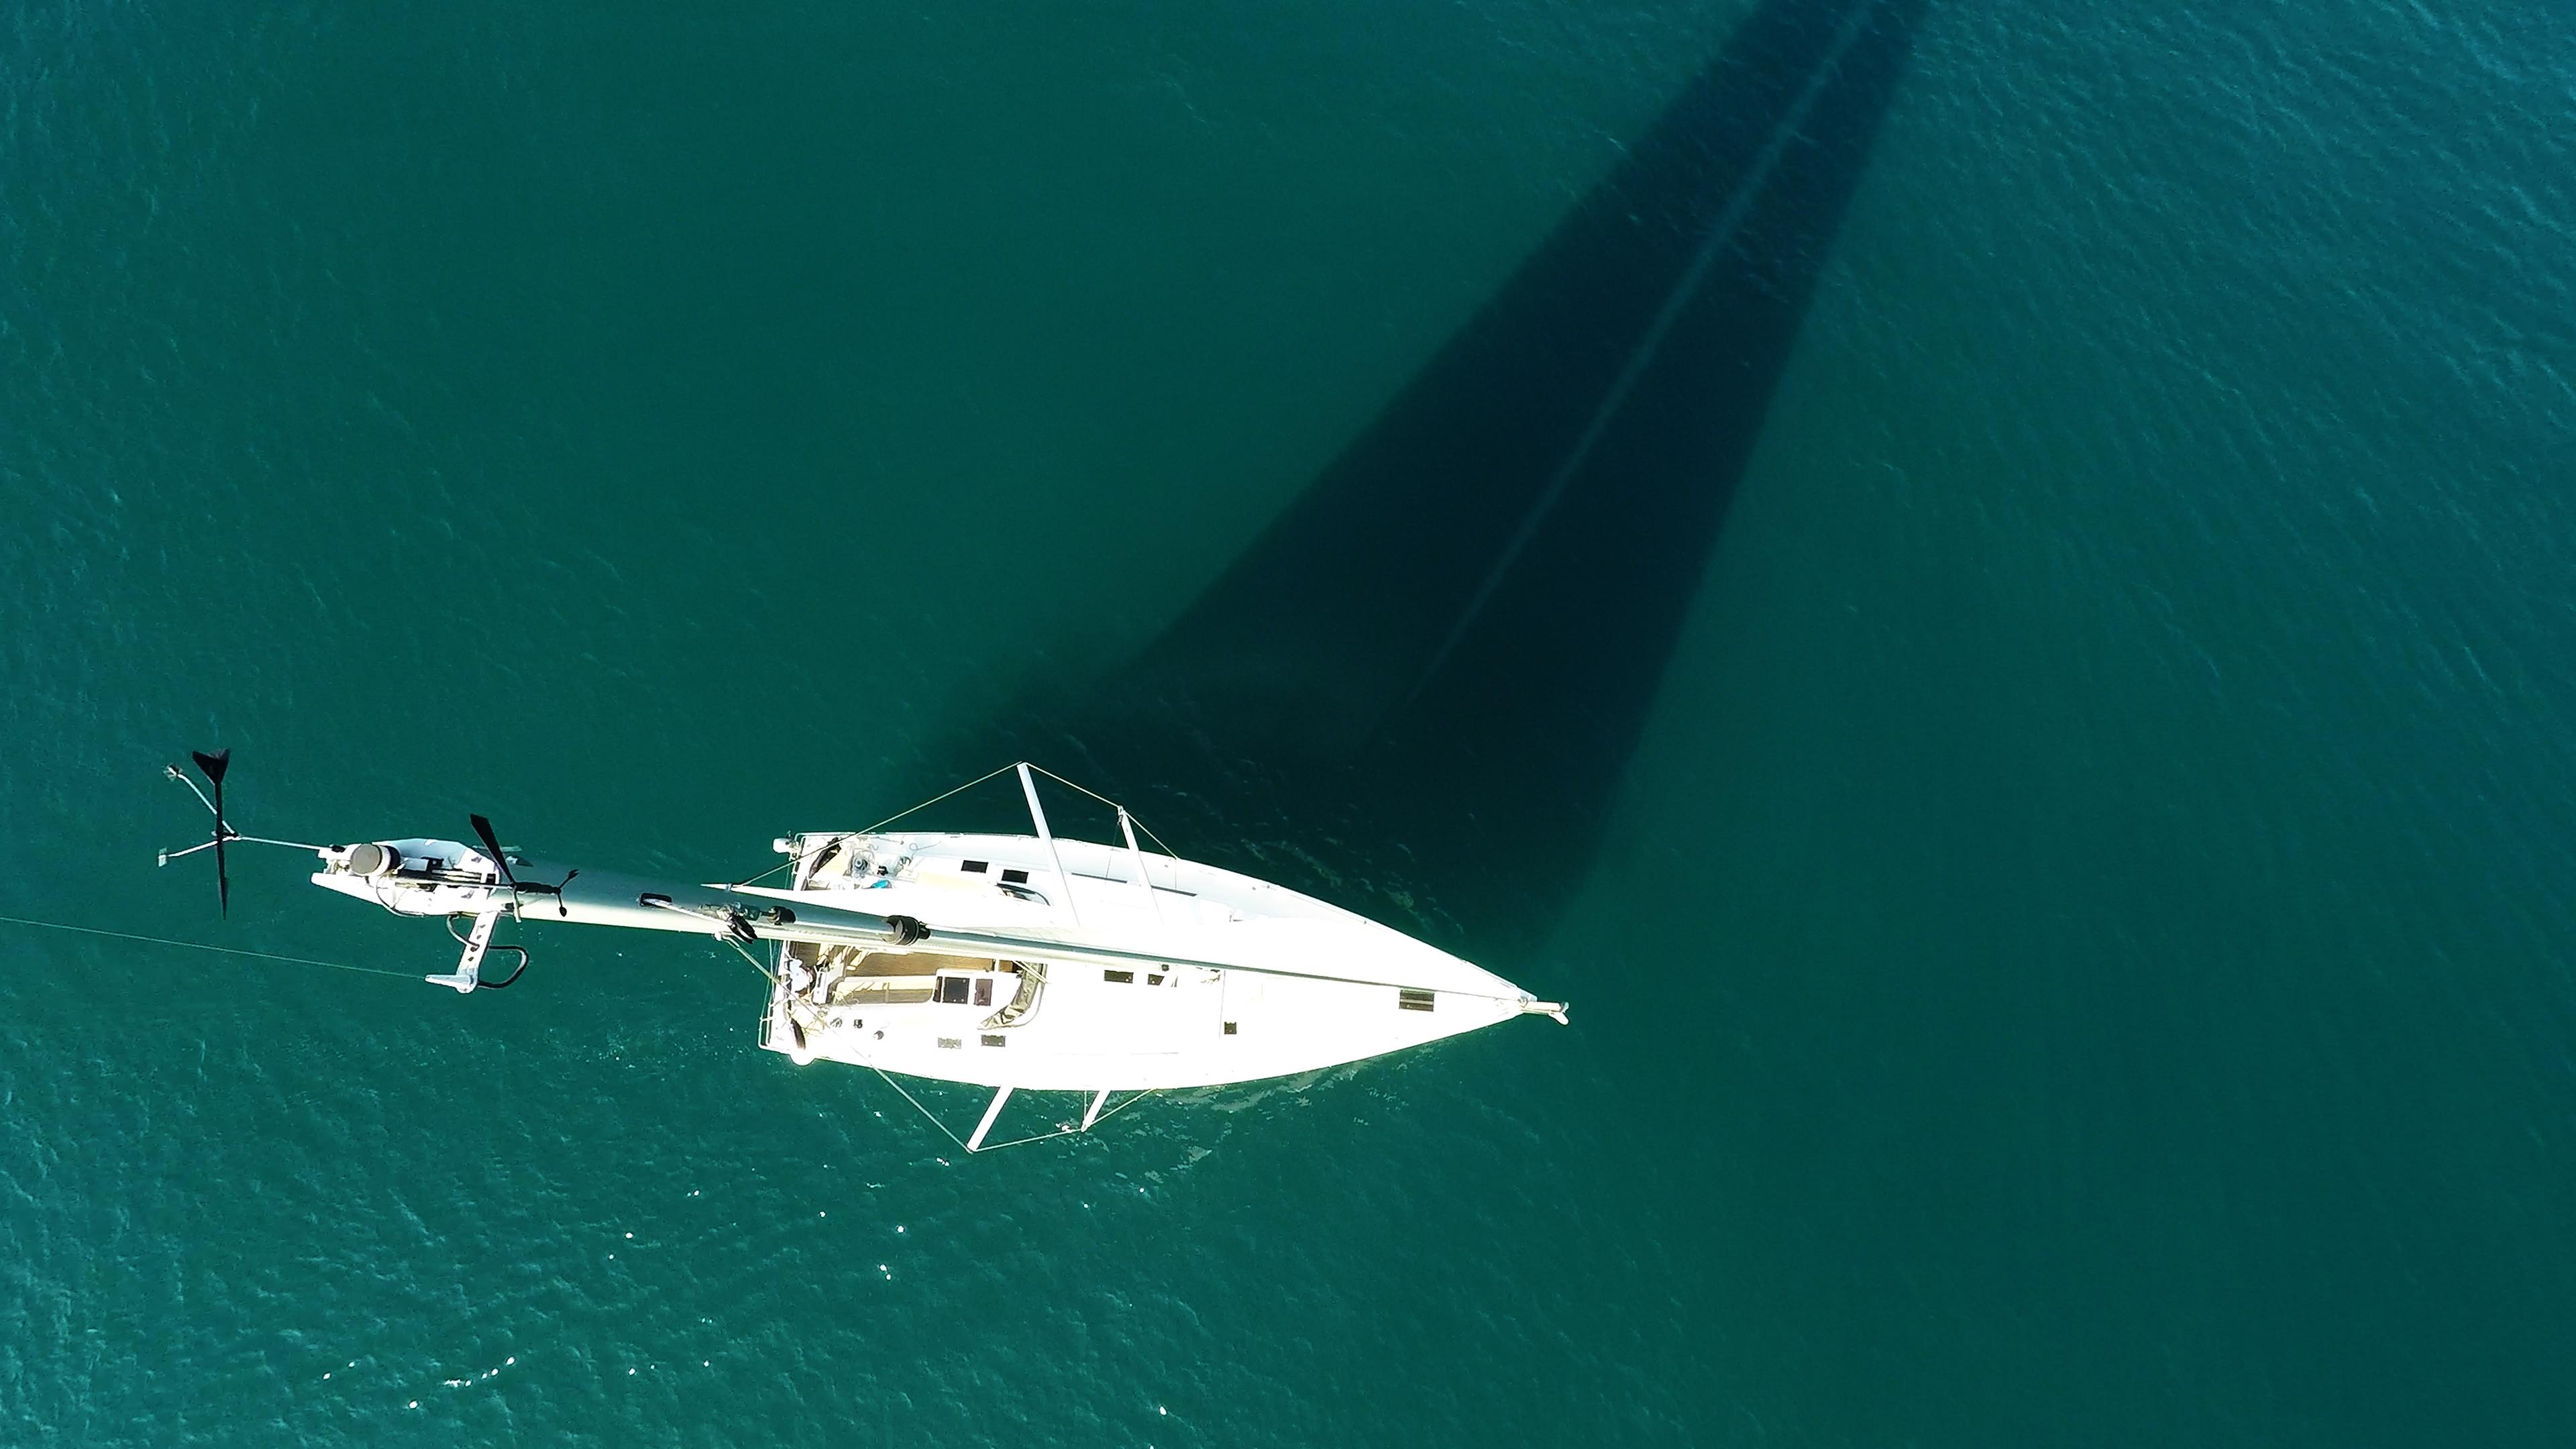 vrh jarbola indikator vjetra jedrilica Hanse 505 jedra paluba genova more